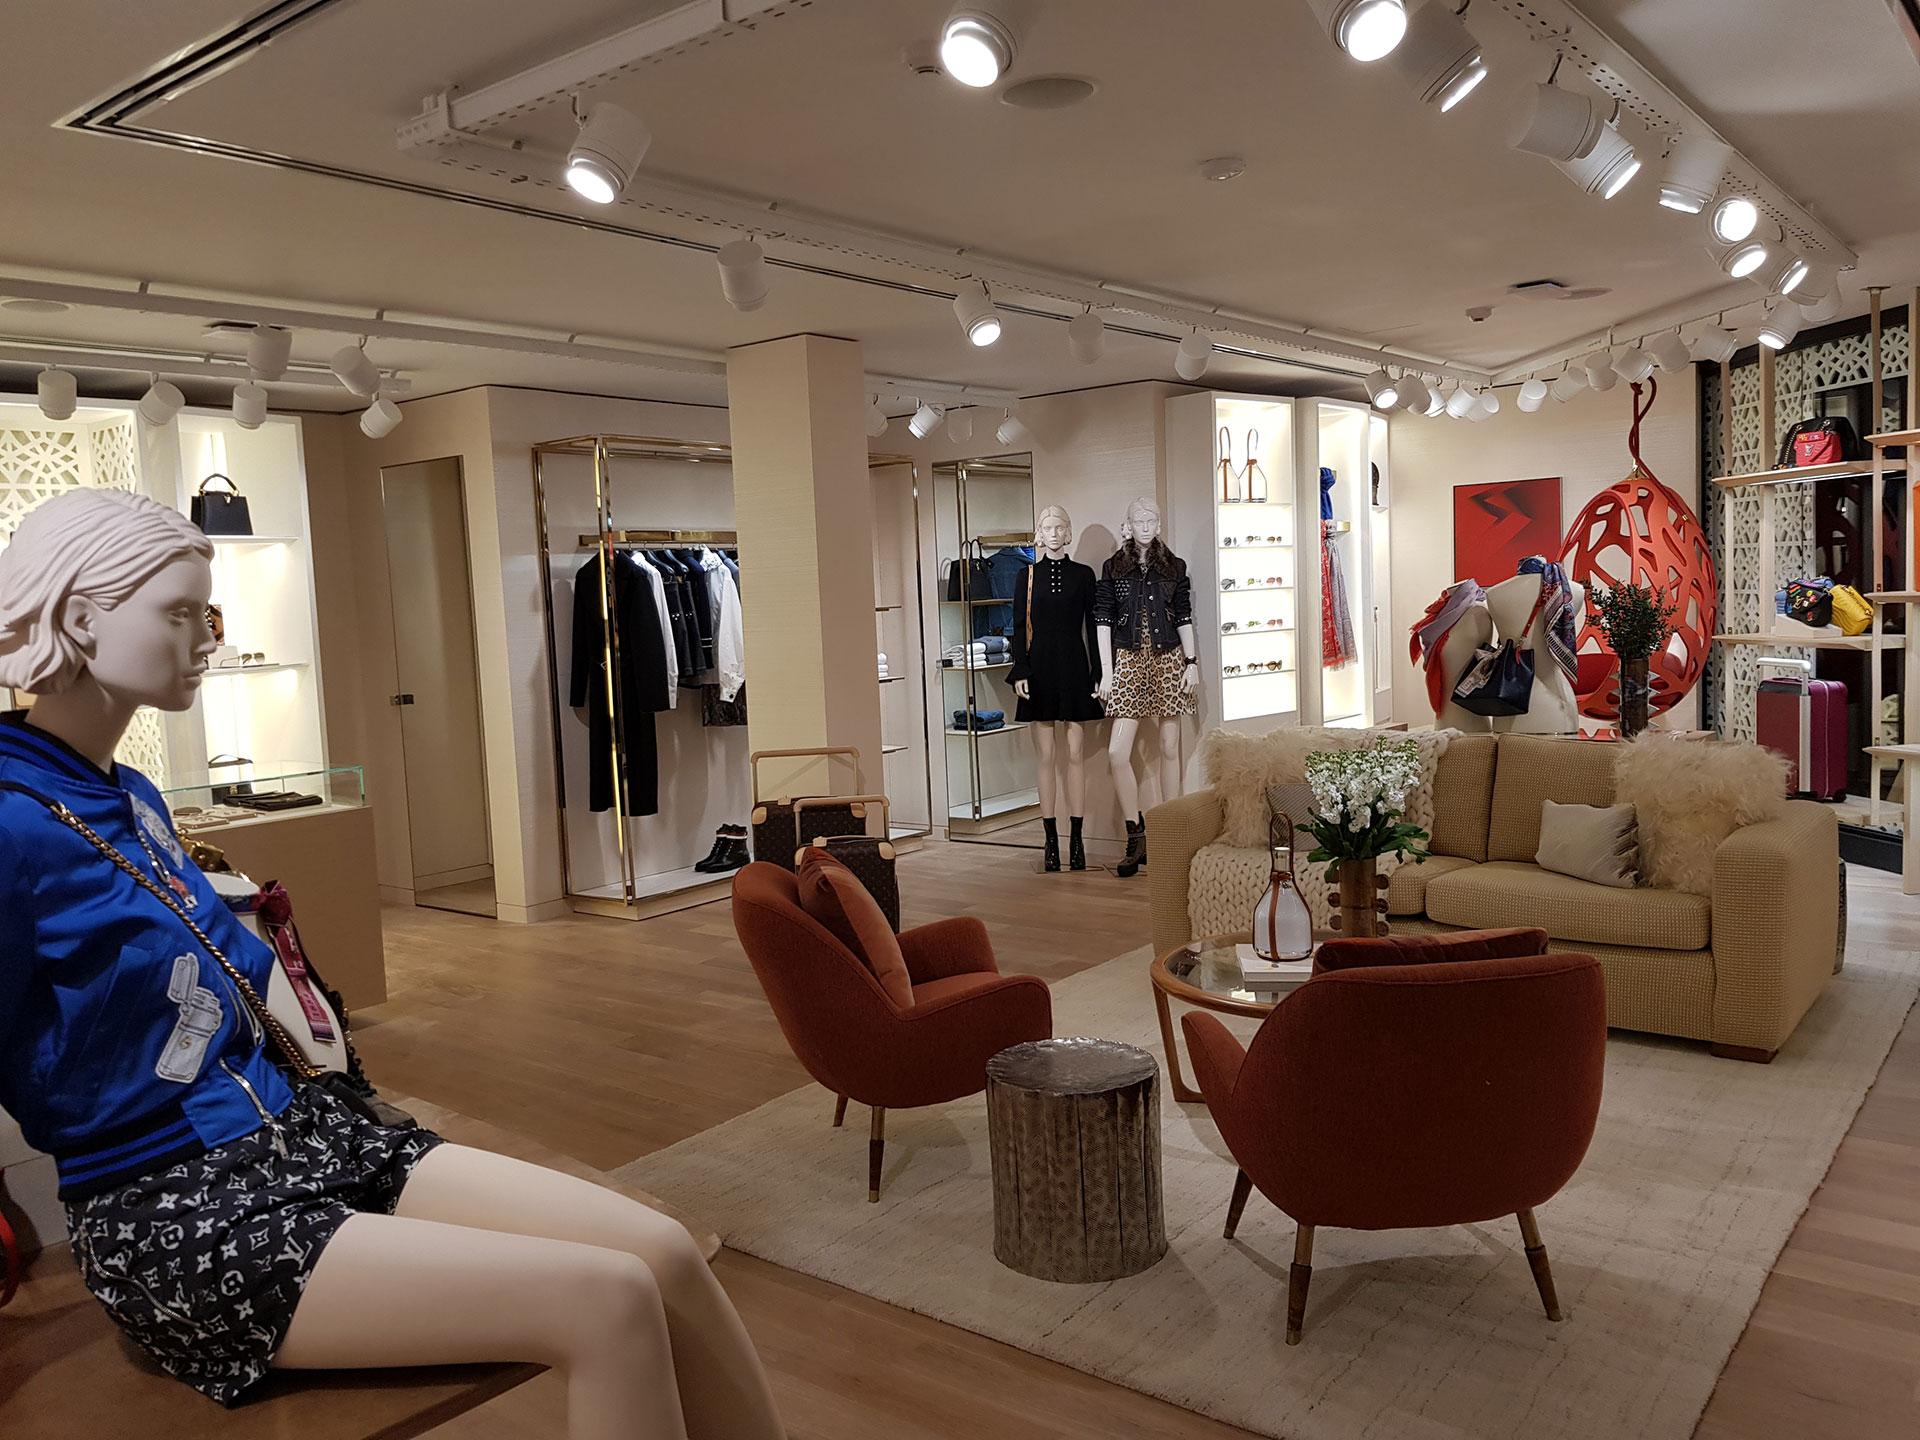 Imagen de la tienda que abrió en Patio Bullrich inspirada en la tienda de Tokio con mobiliario de impronta nacional